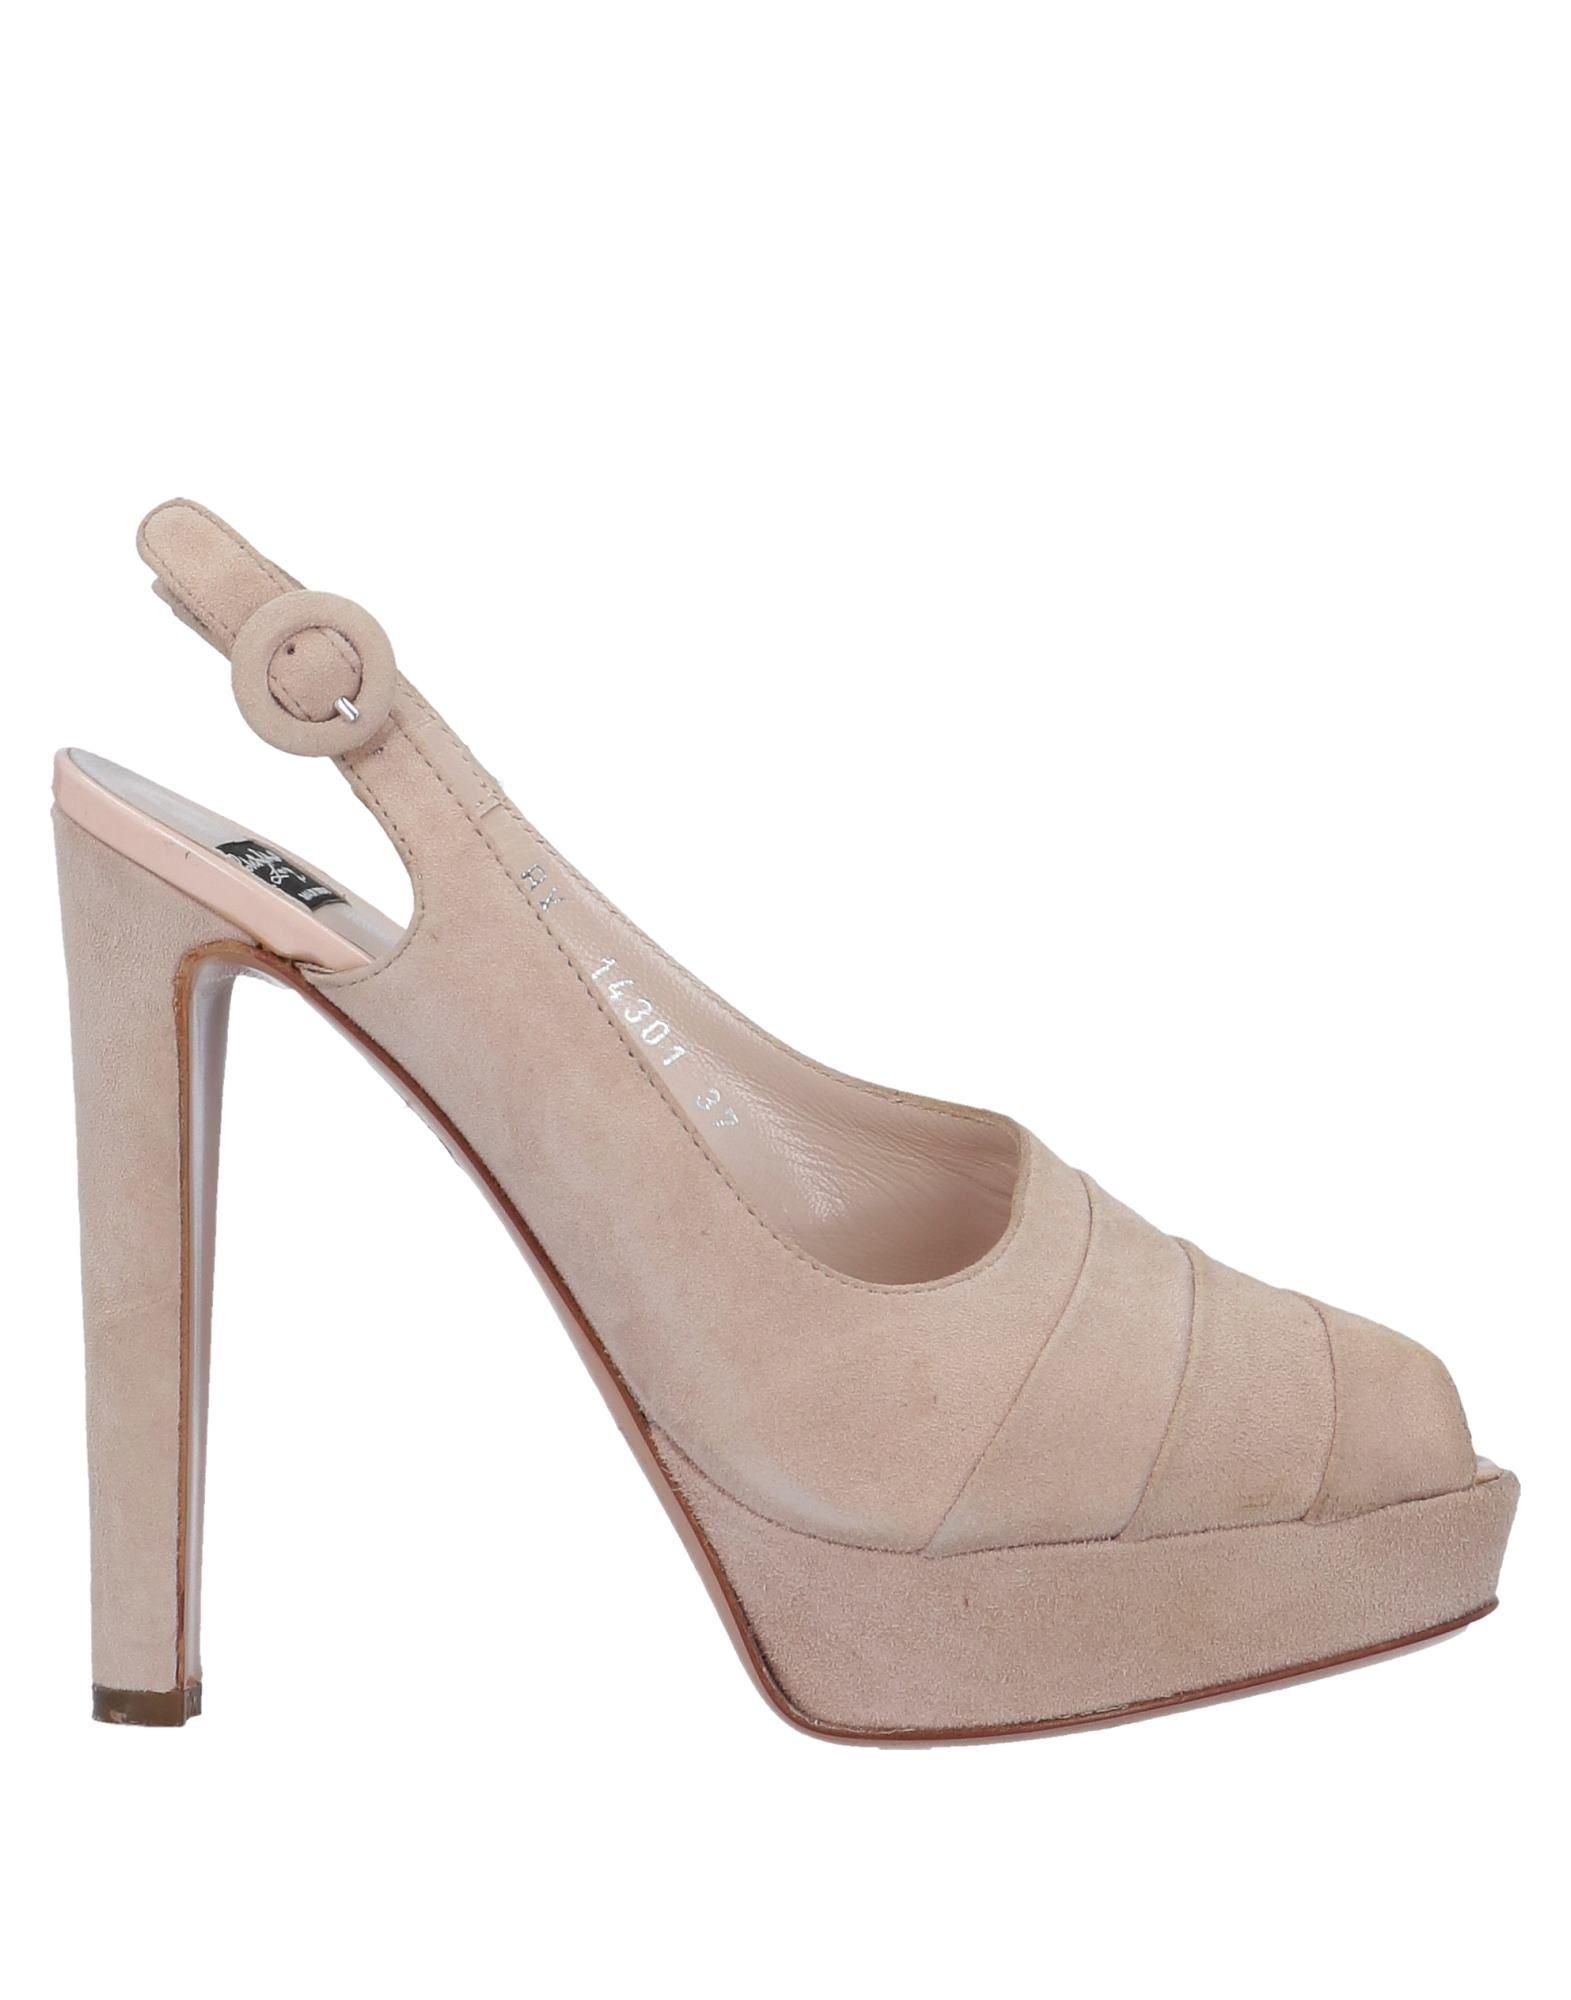 ROBERTO BOTTICELLI Sandals - Item 11723030